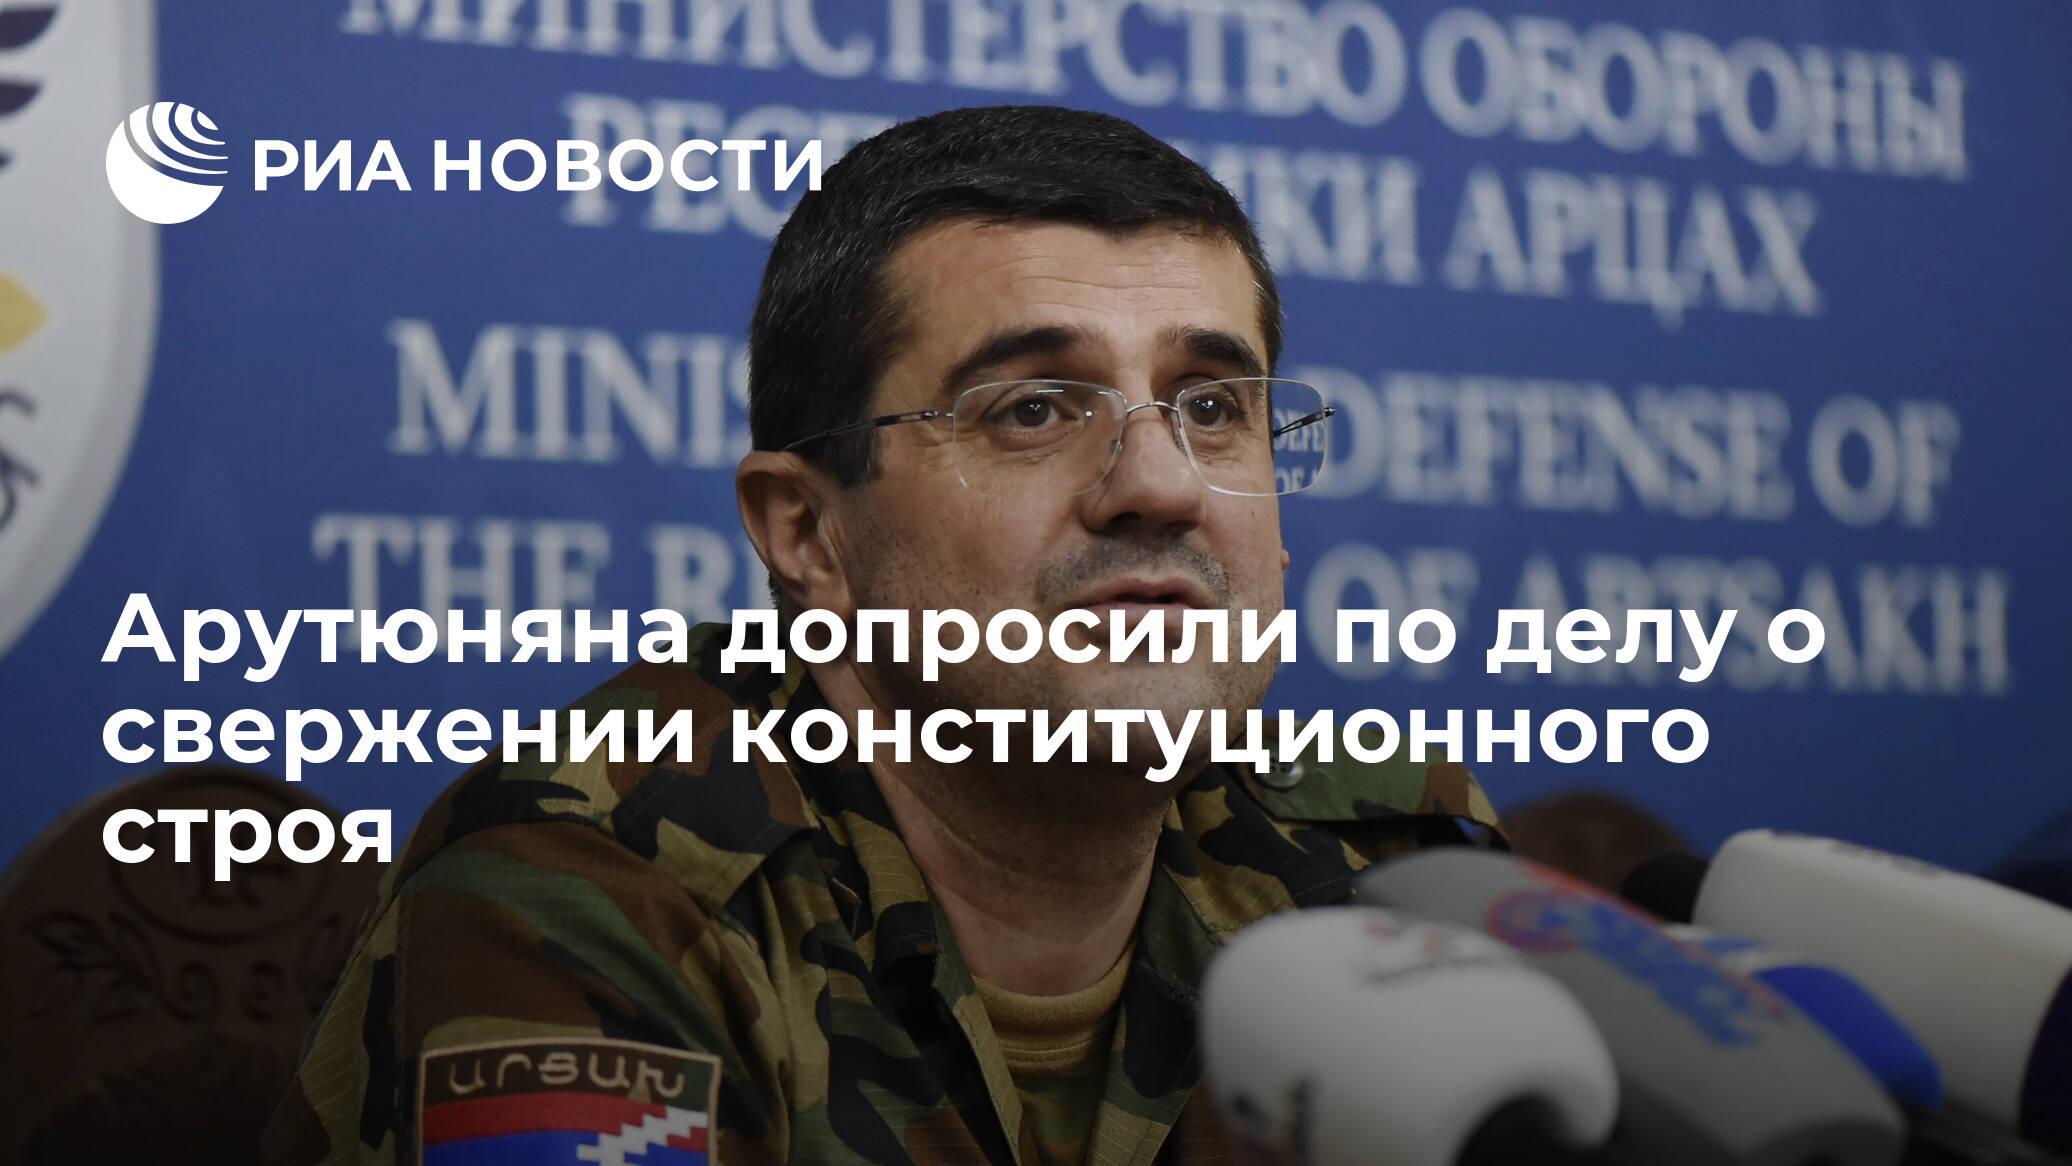 Арутюняна допросили по делу о свержении конституционного строя